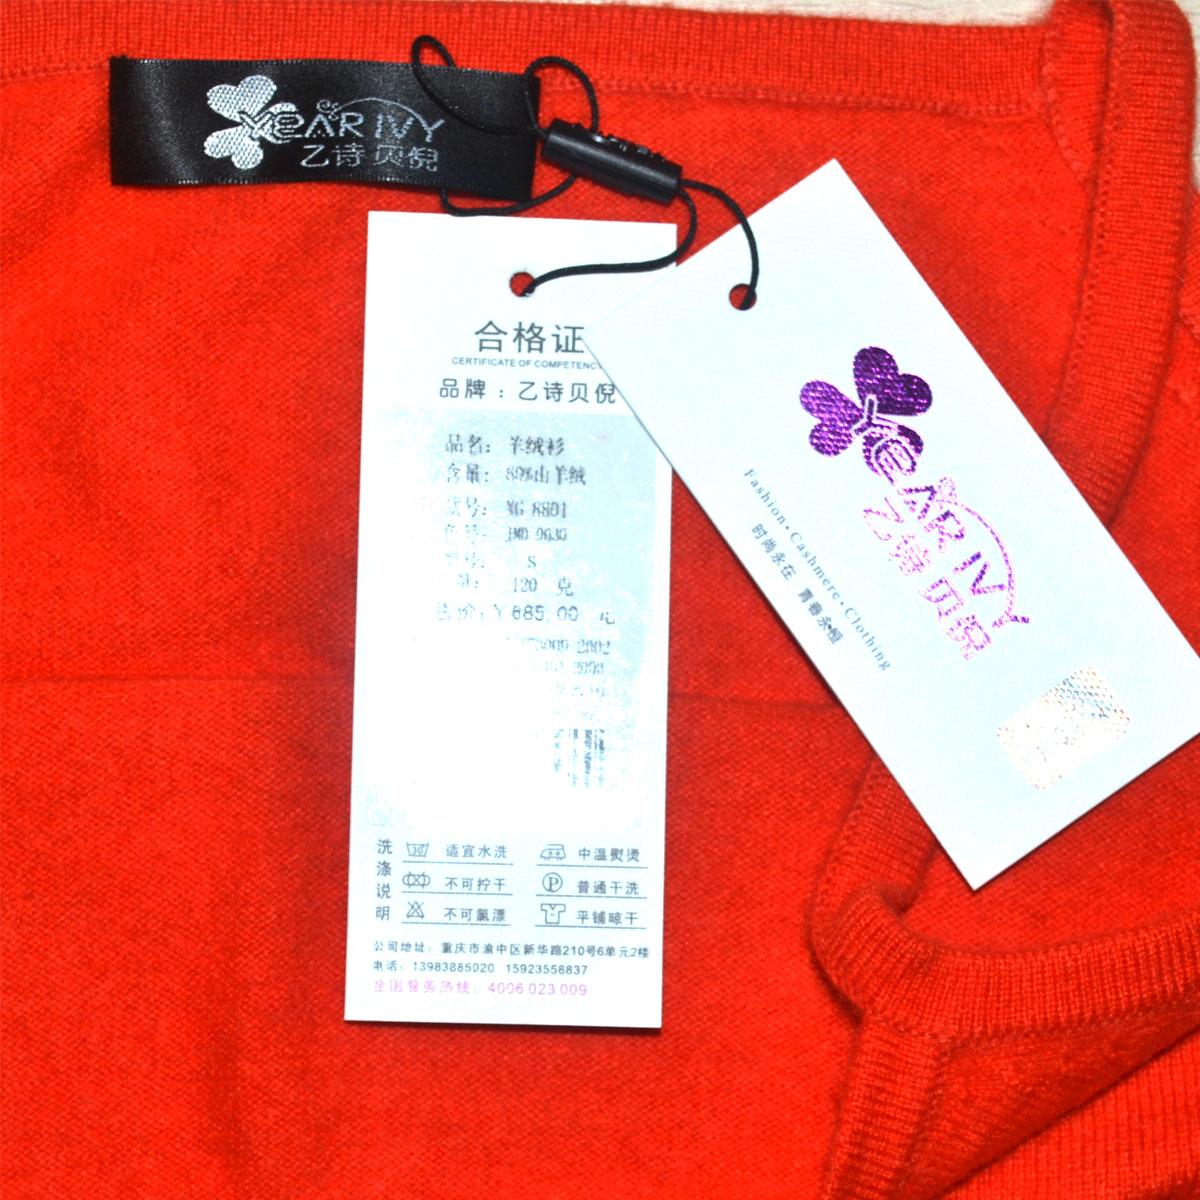 Топ Yishibeini XG/8801 2012 Повседневный стиль Тонкая овечья шерсть Однотонный цвет Зима 2012